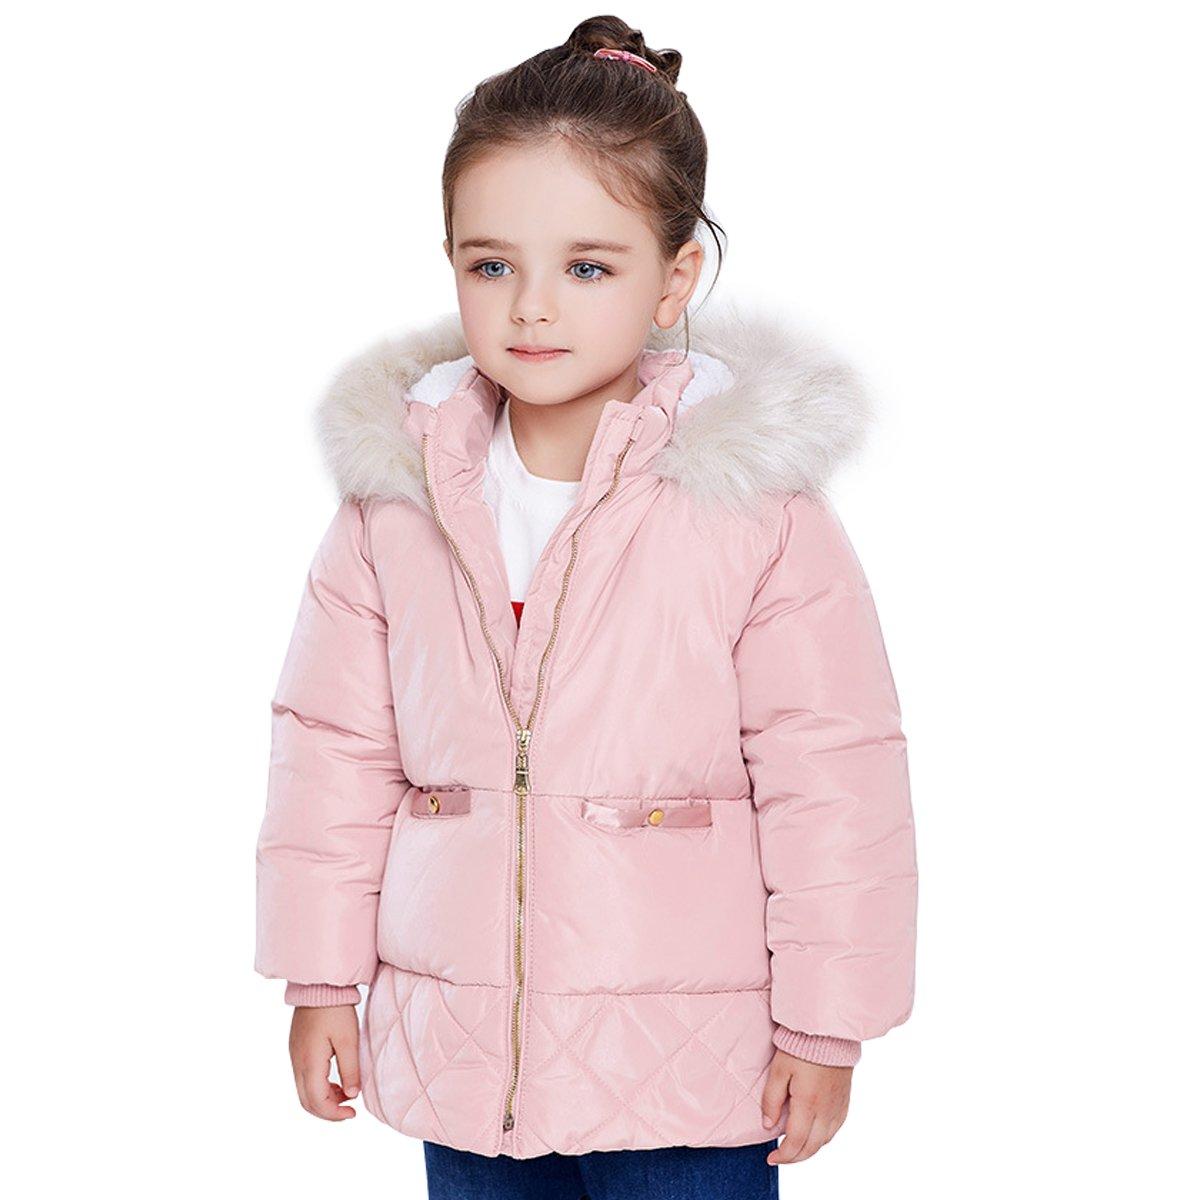 Famuka Manteau avec capuche fourrure fille doudoune d'enfants